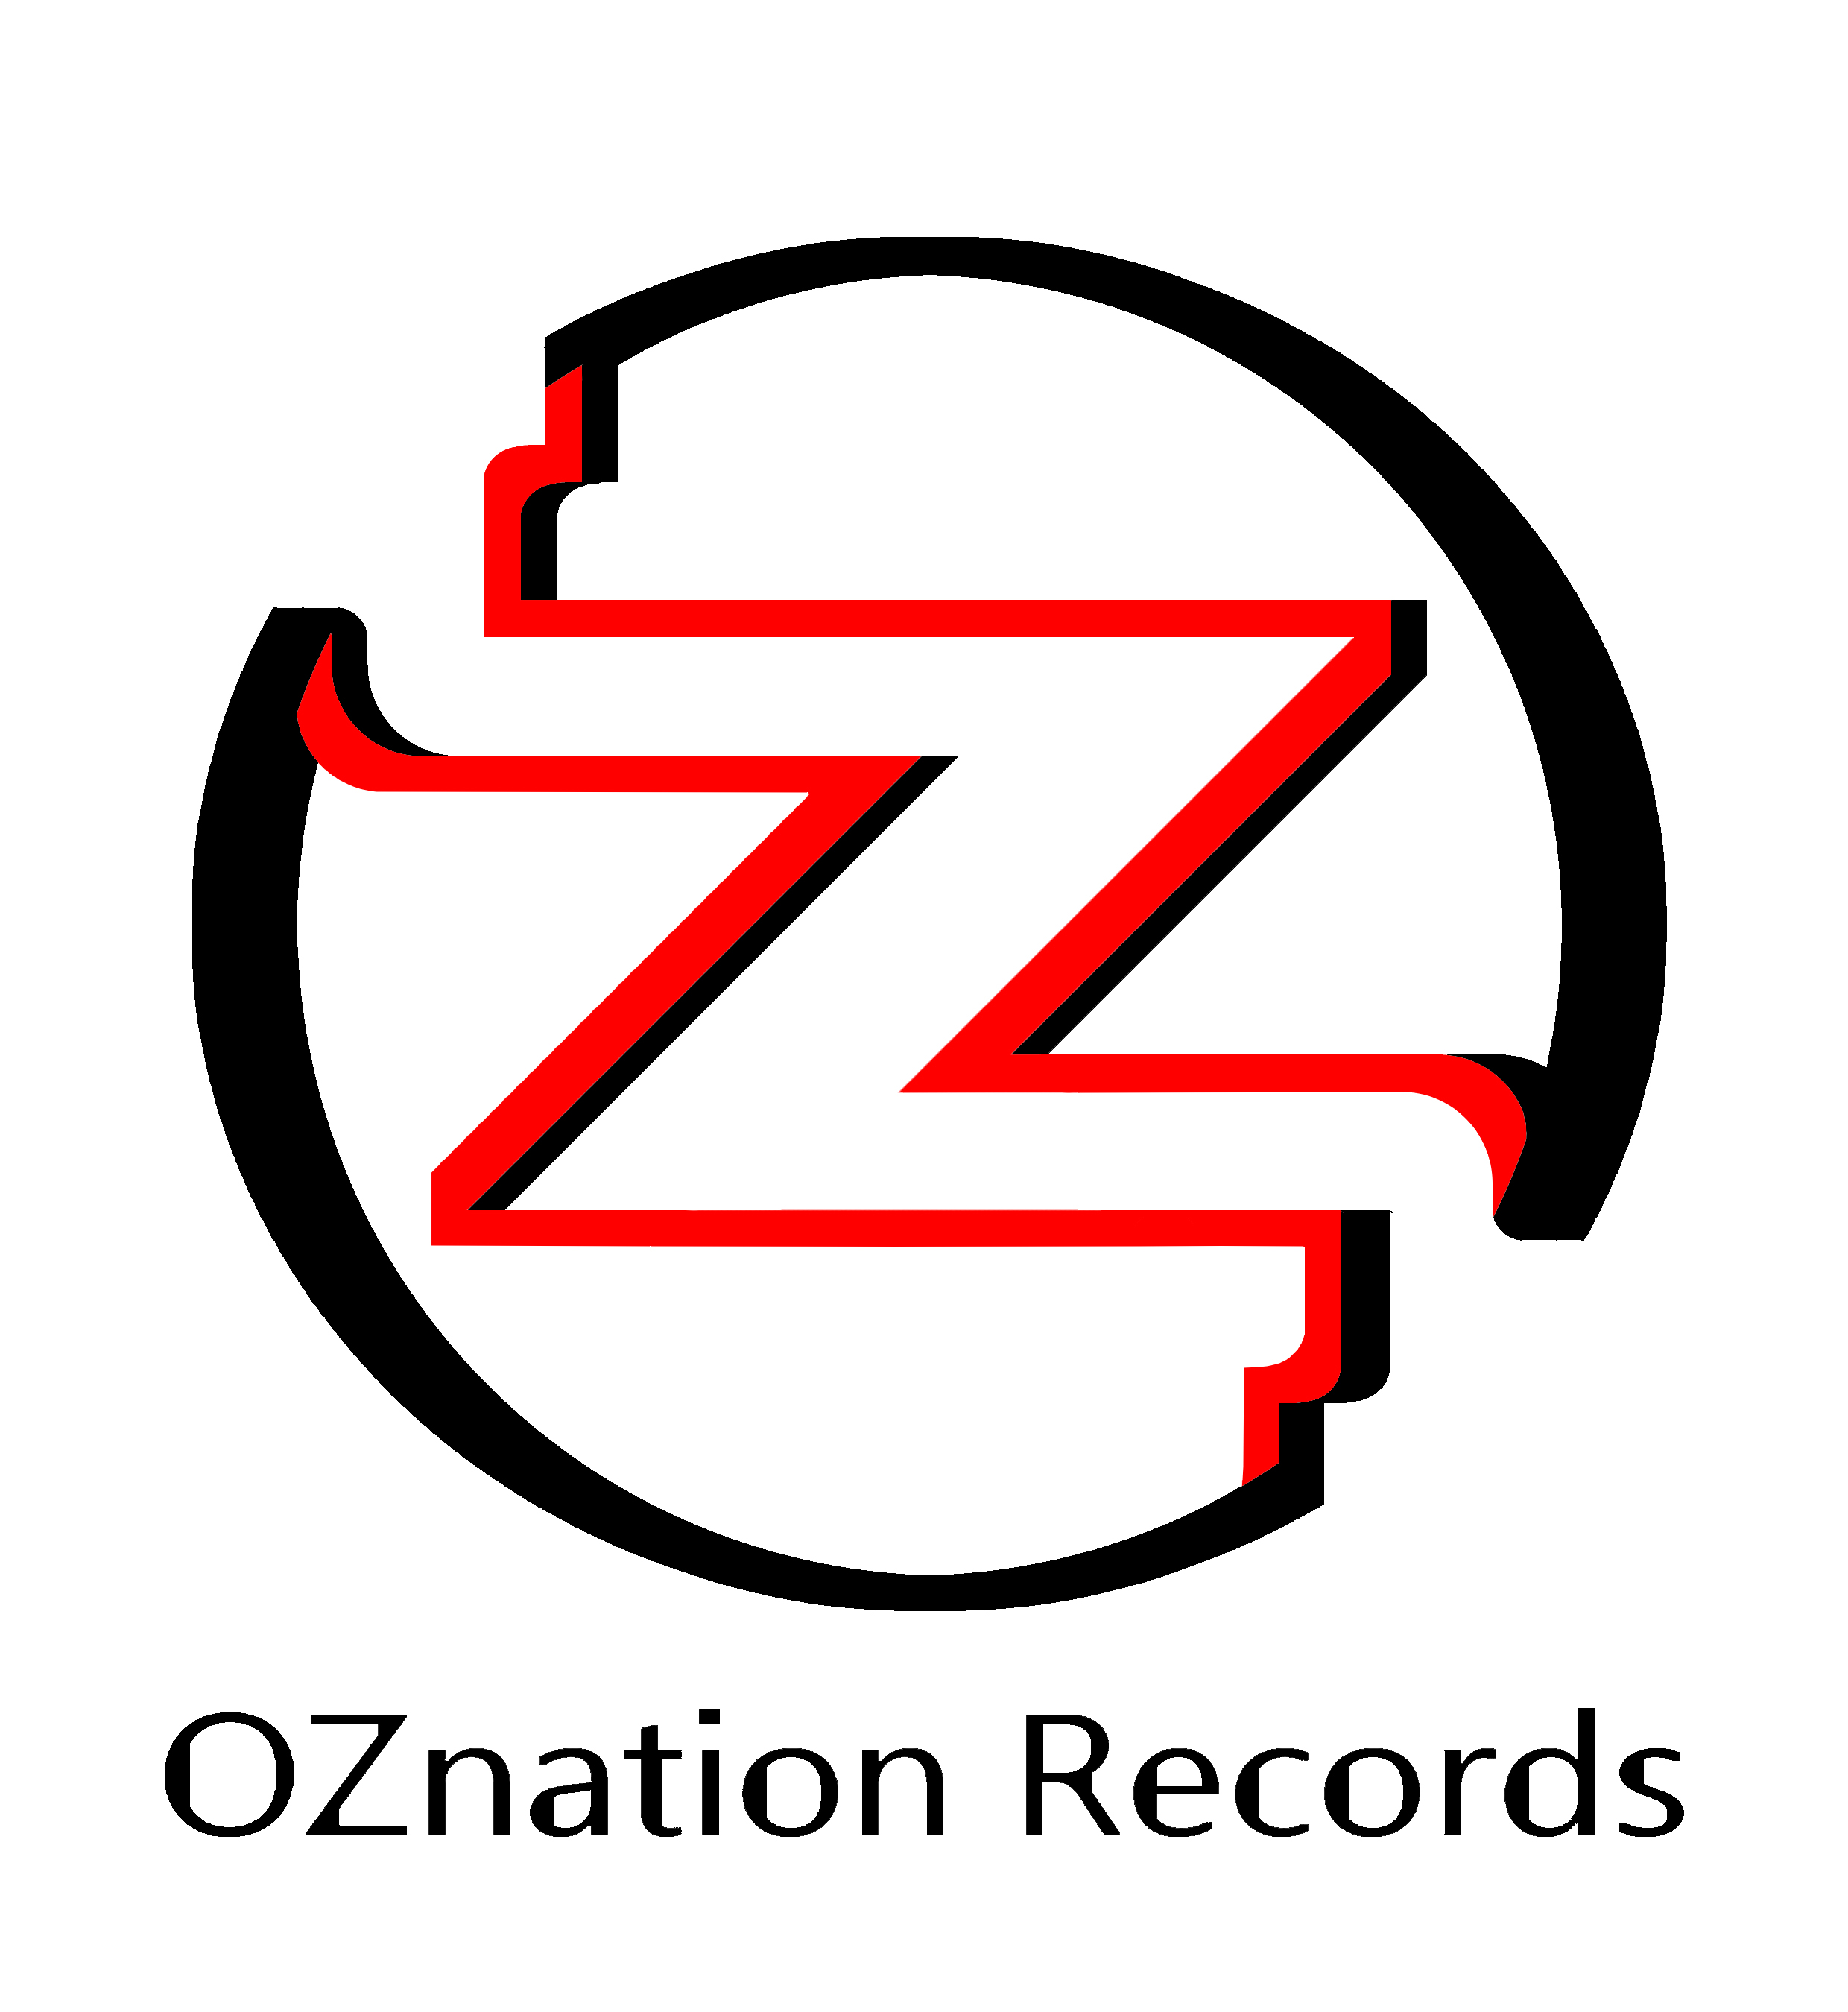 家で音楽聴いてろコンピ公式ページ Logo